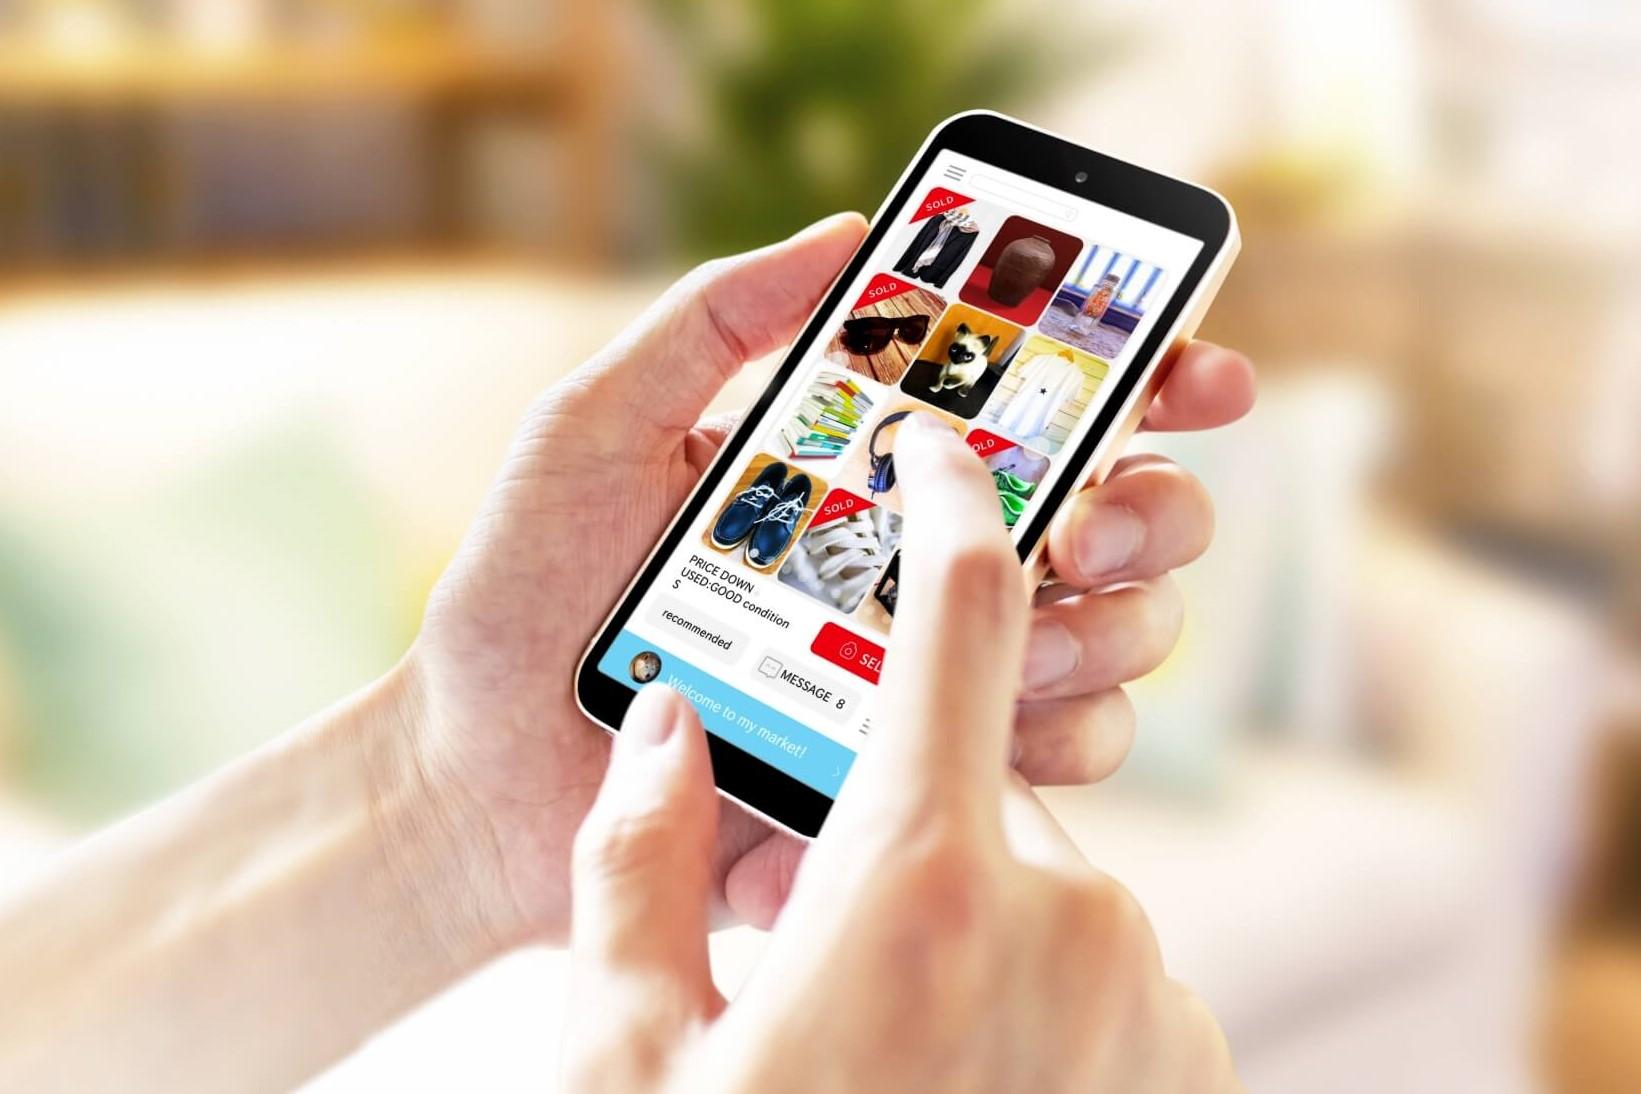 不要になったスーツケースをフリマアプリで売却する。 スマートフォンでフリマアプリのサイトを閲覧